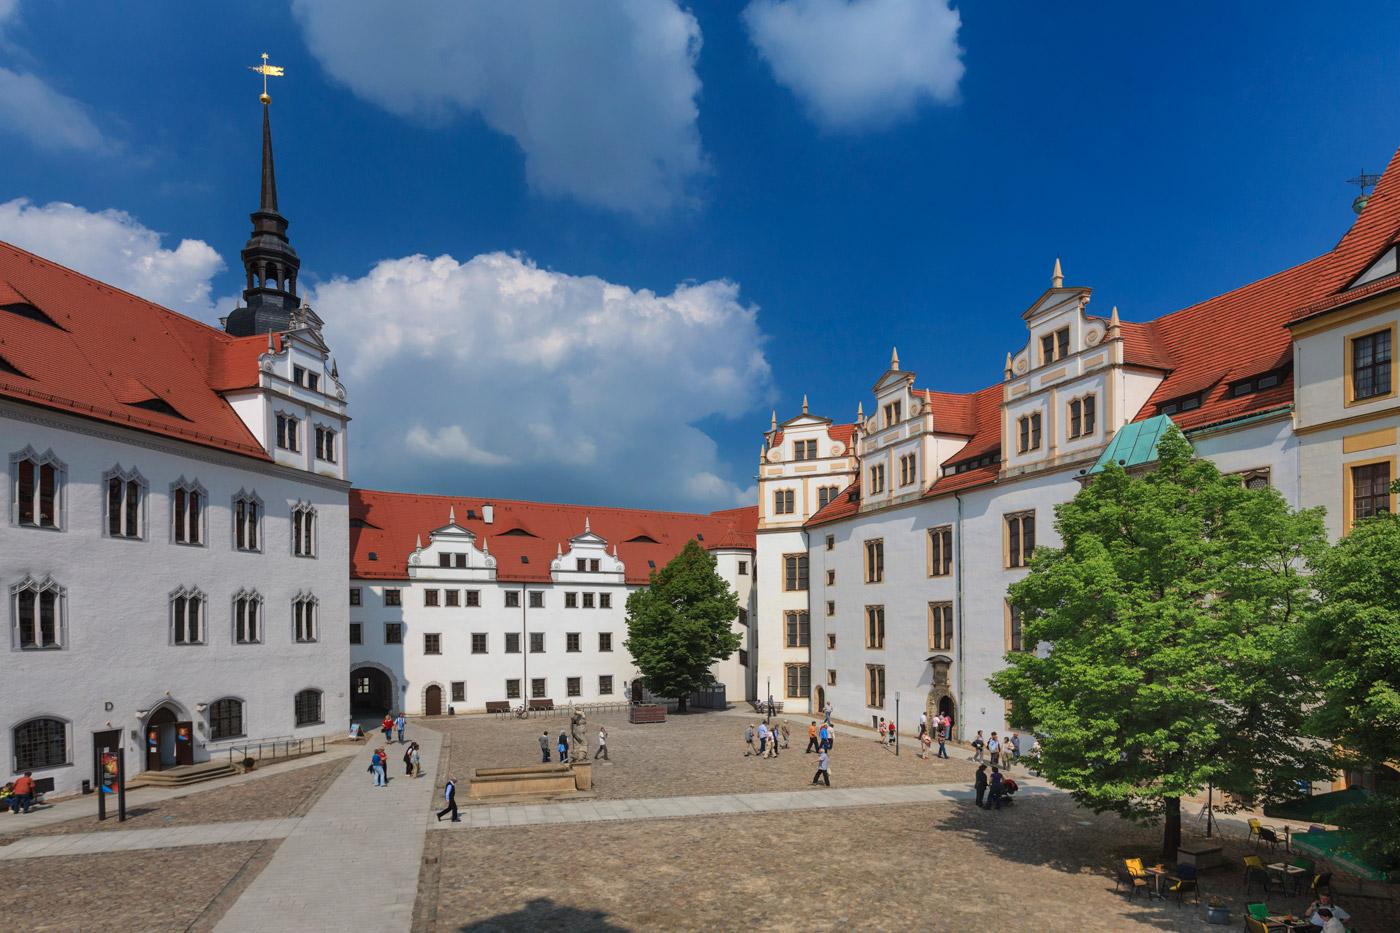 De mooiste steden in Saksen - Torgau